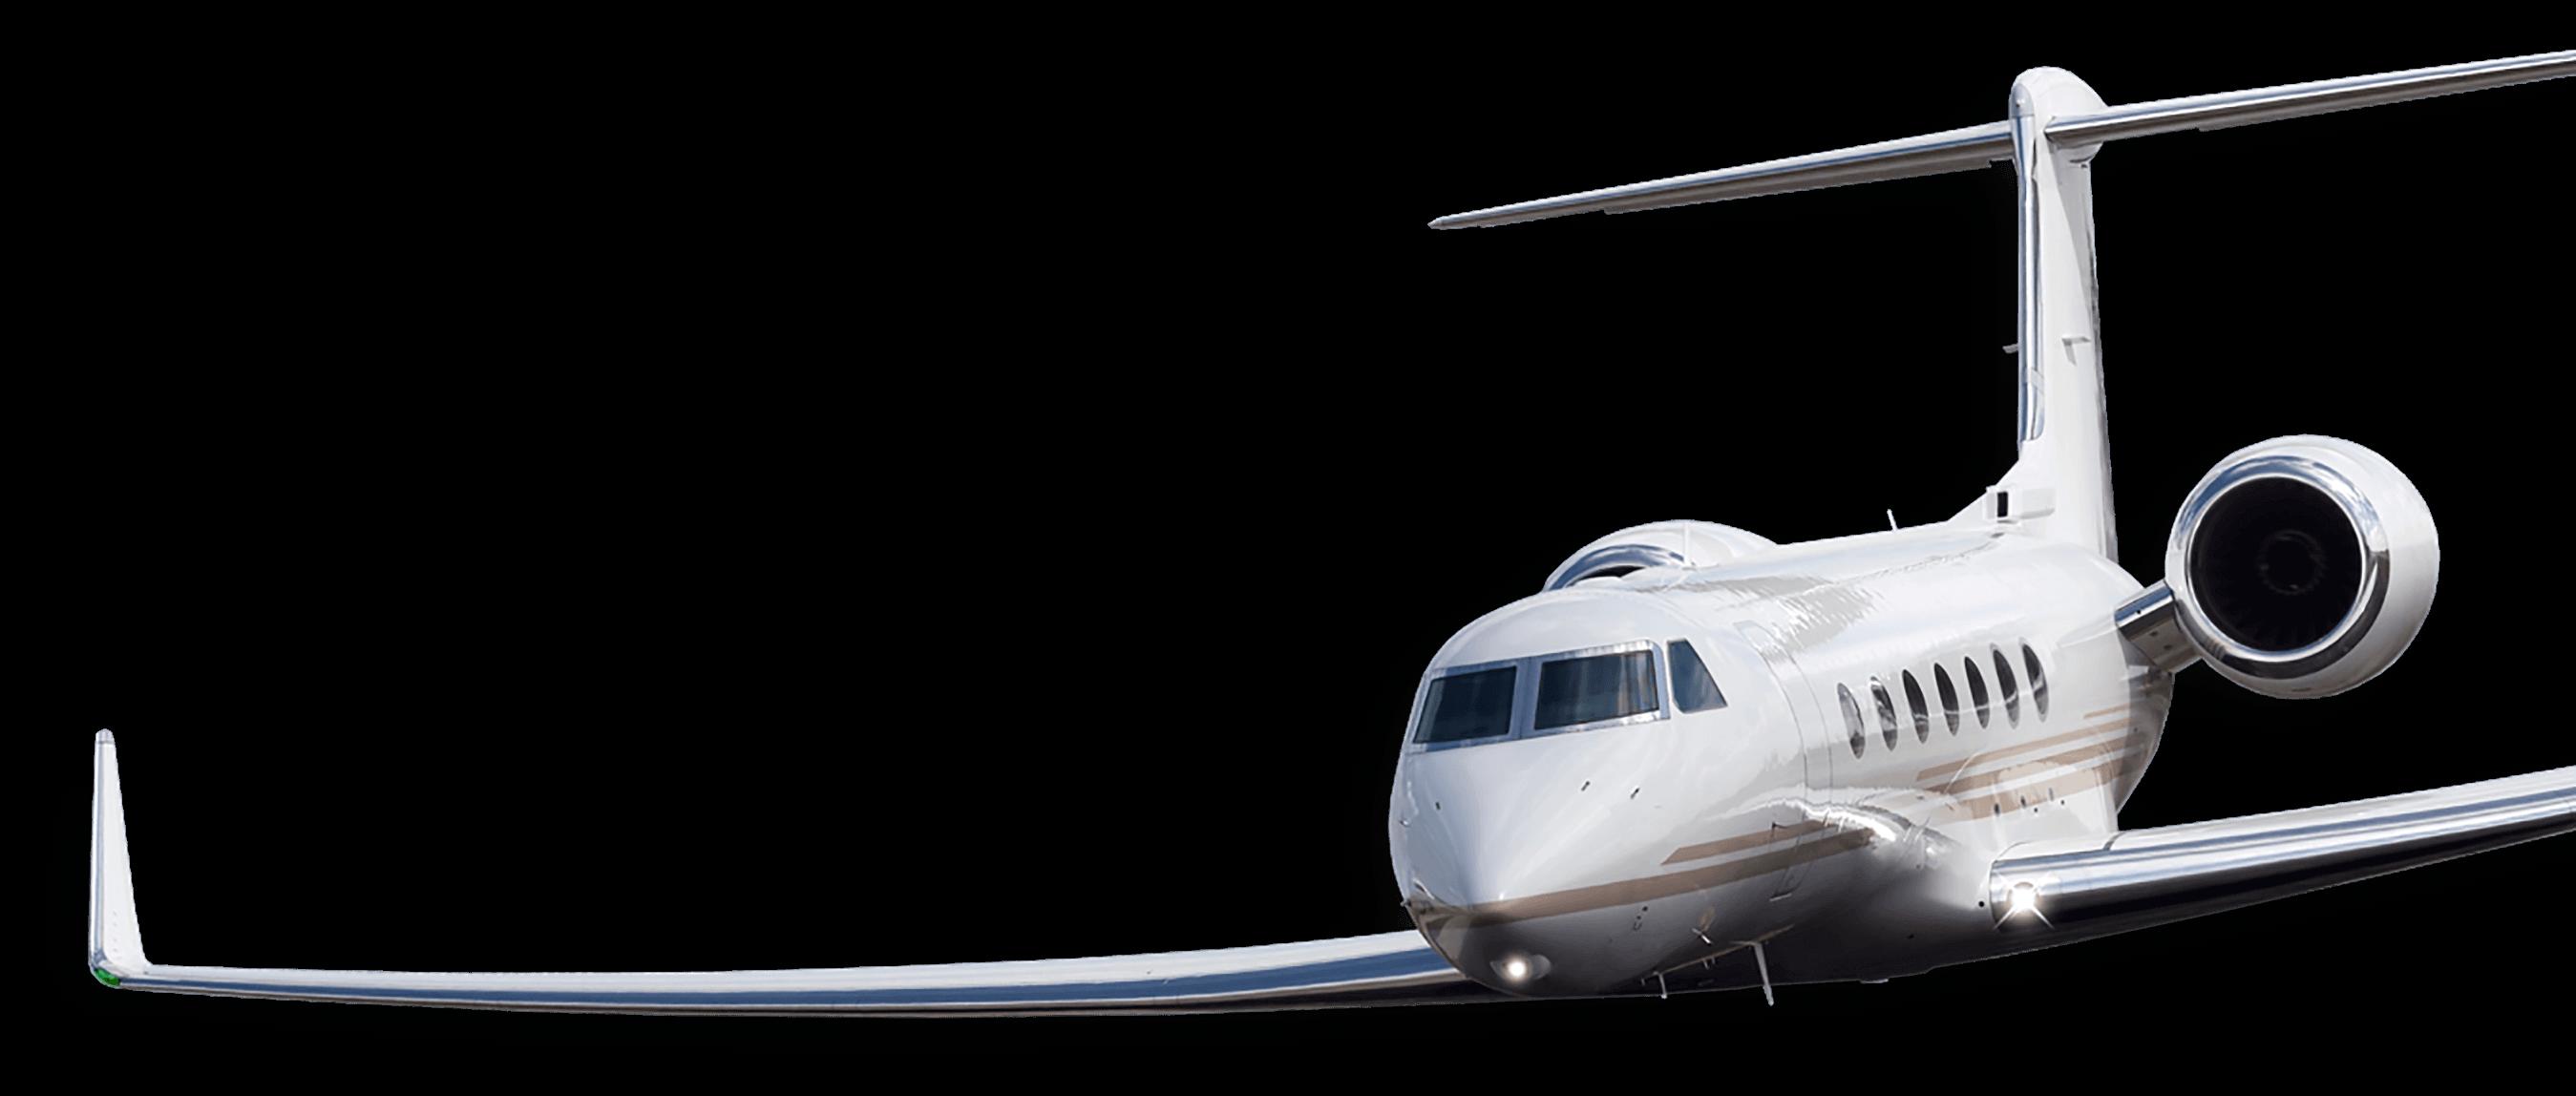 kirkland-aero_plane_3